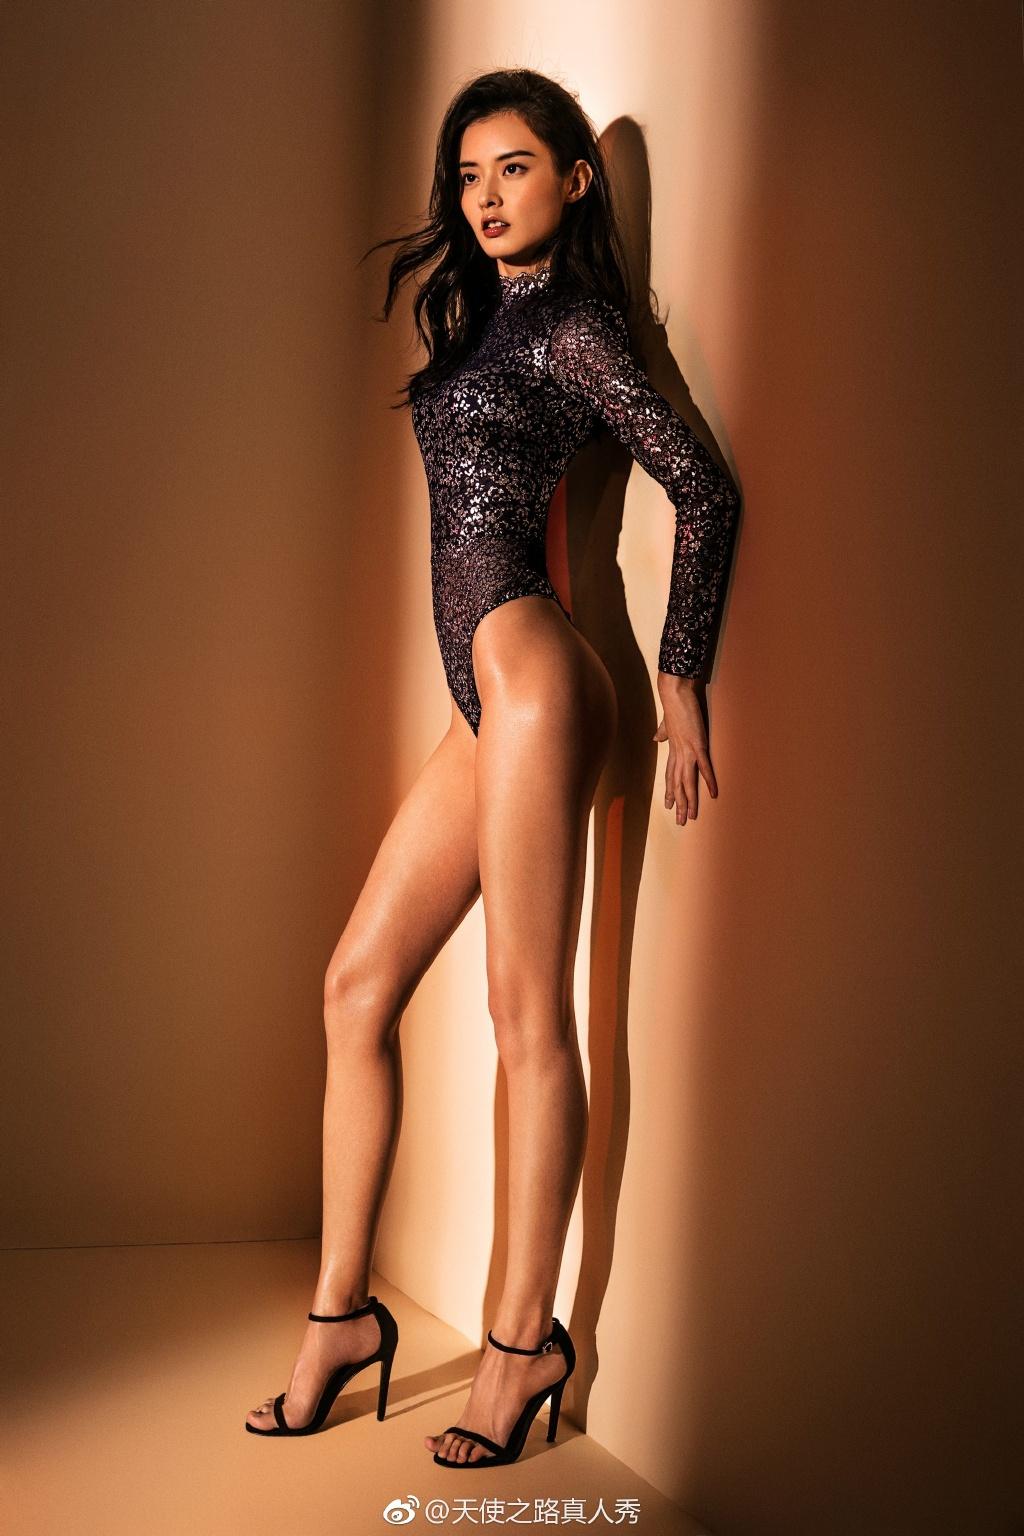 Dàn thí sinh show tuyển mẫu cho Victorias Secret: Xinh và nuột thôi rồi! - Ảnh 1.